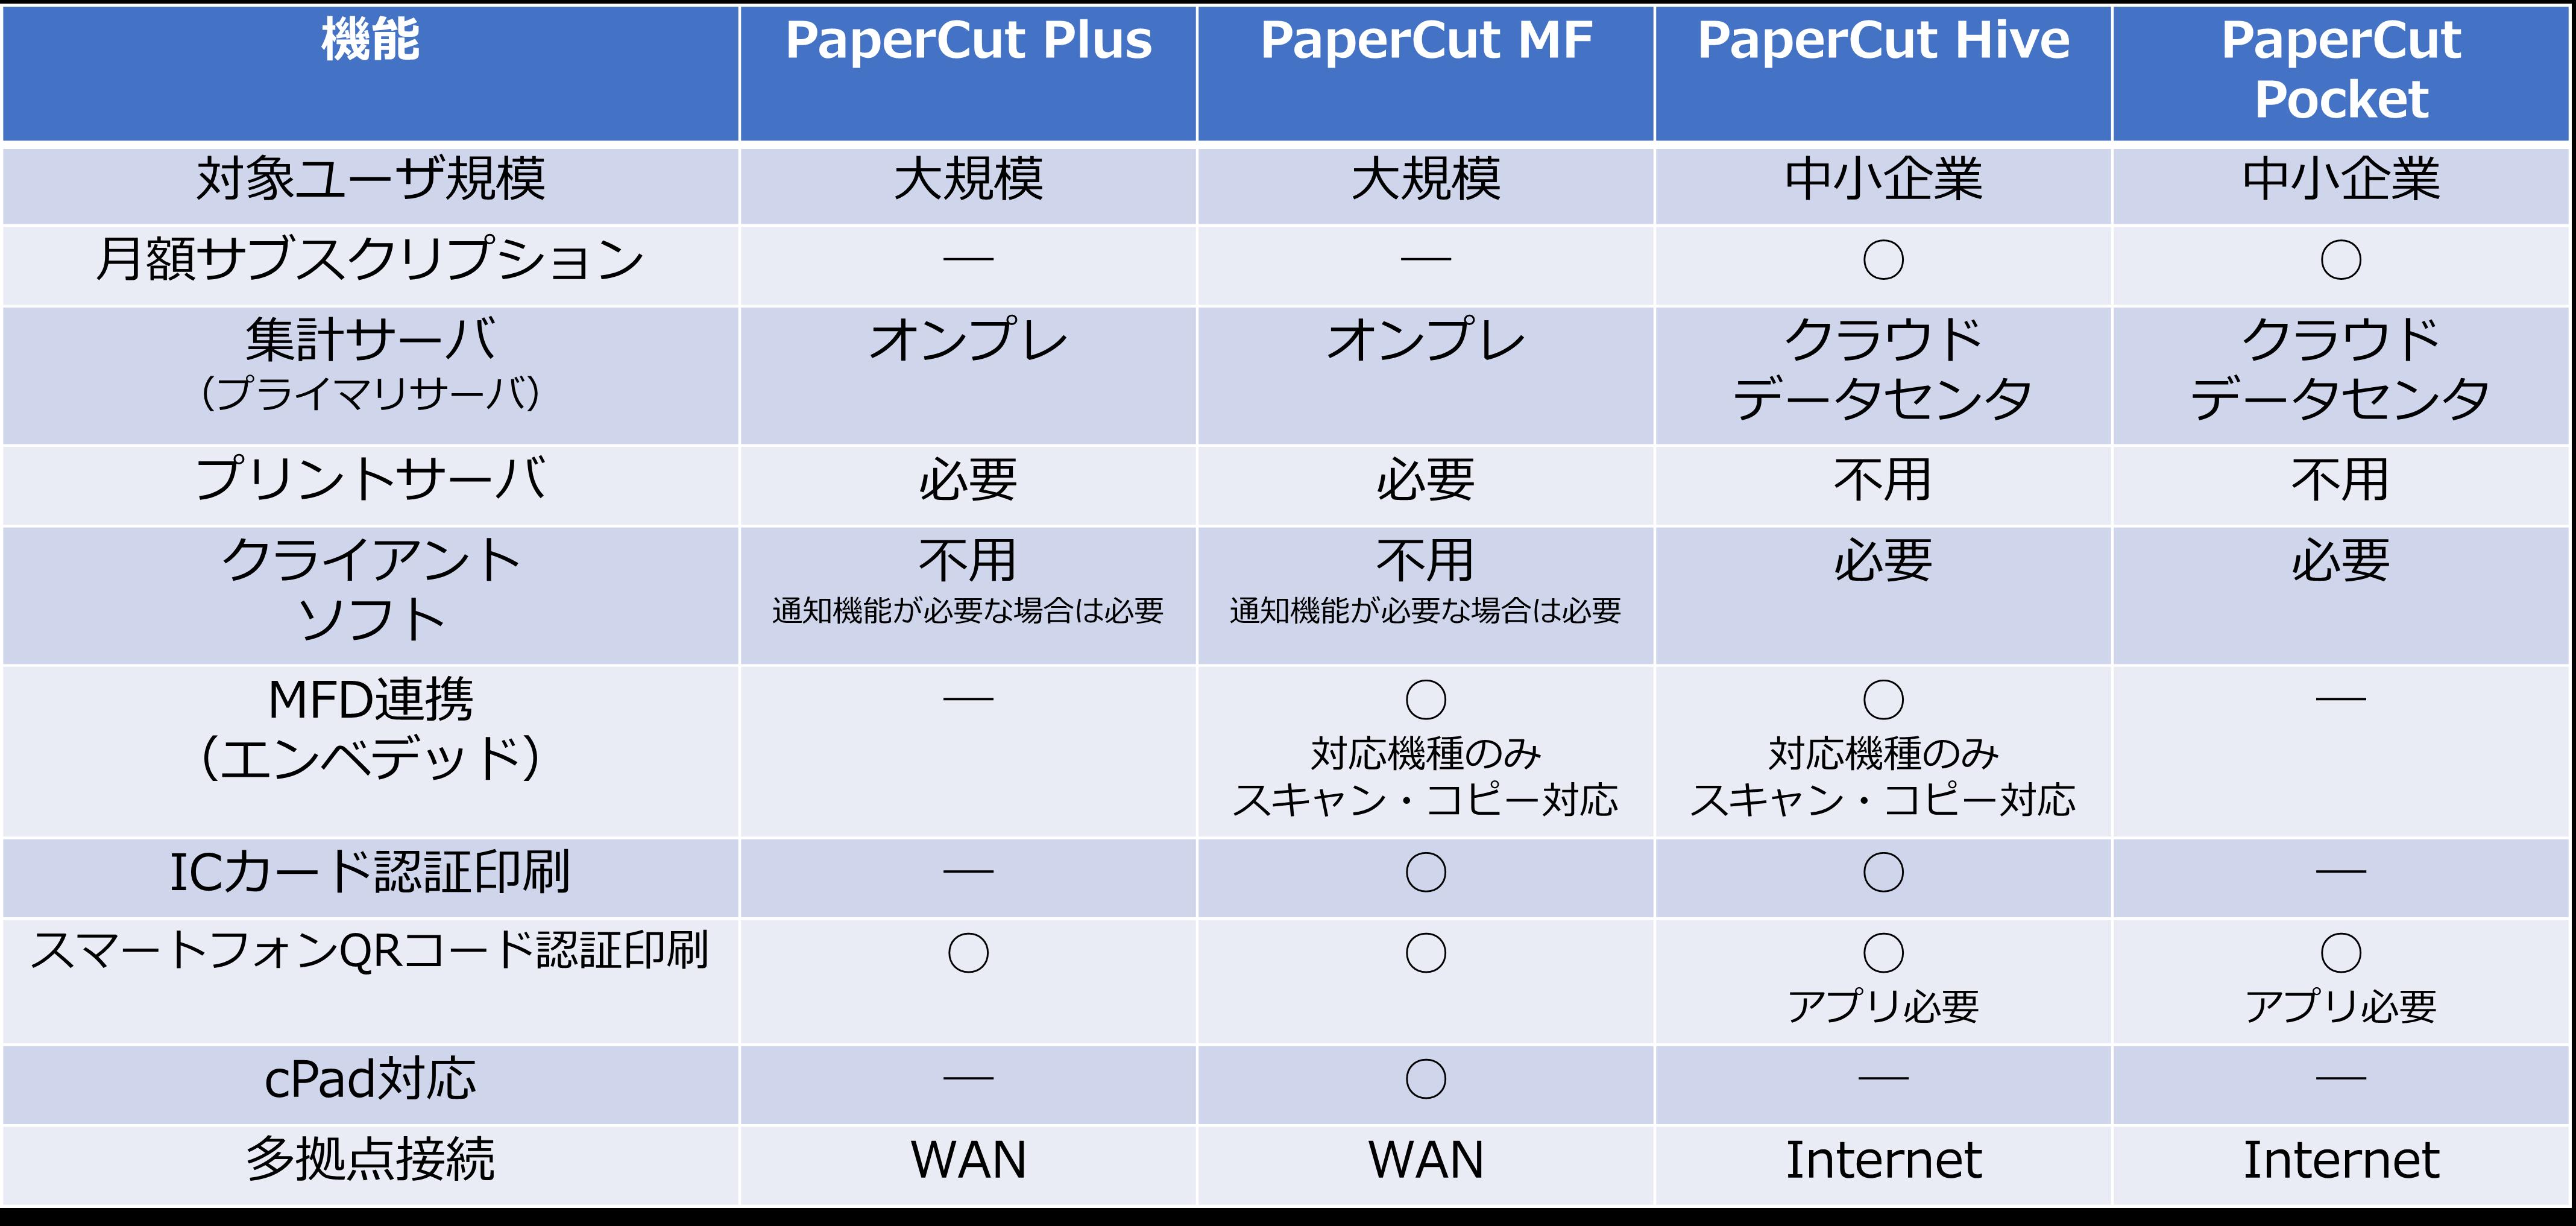 Hive comparison sheet